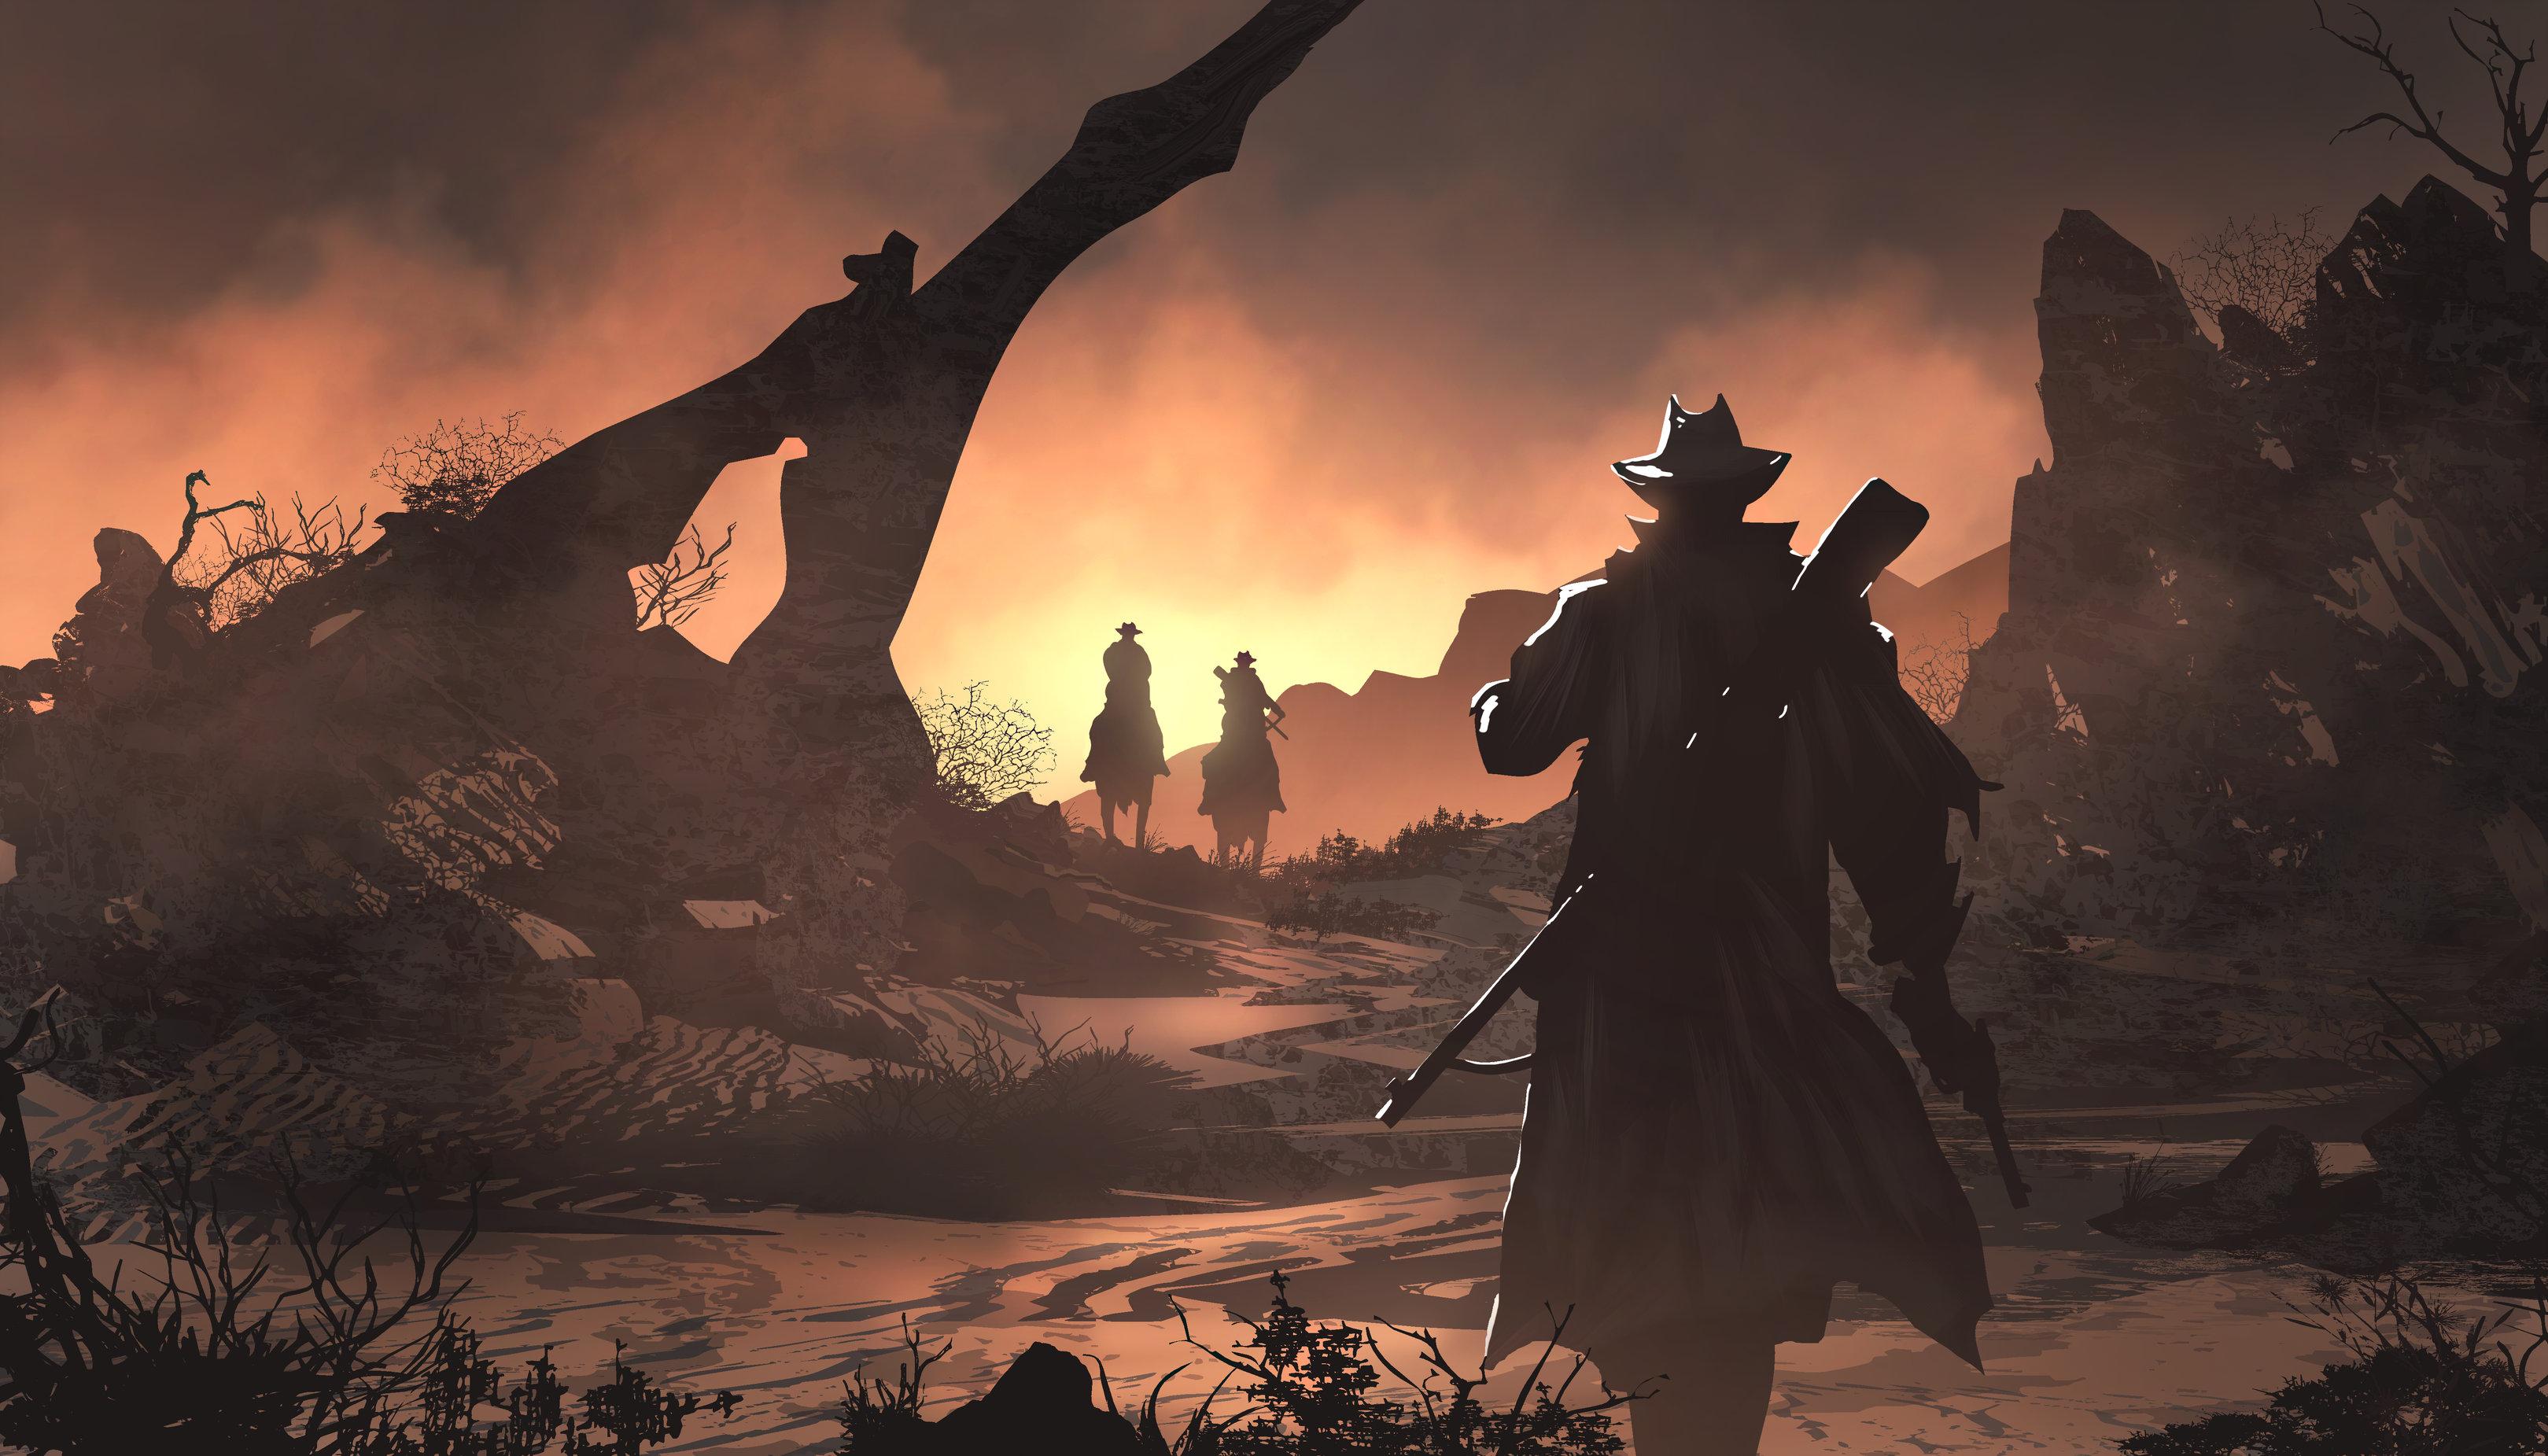 4k Wallpaper Fanart Pubattlegrounds: Red Dead Redemption 2 Fan Art 4k, HD Games, 4k Wallpapers